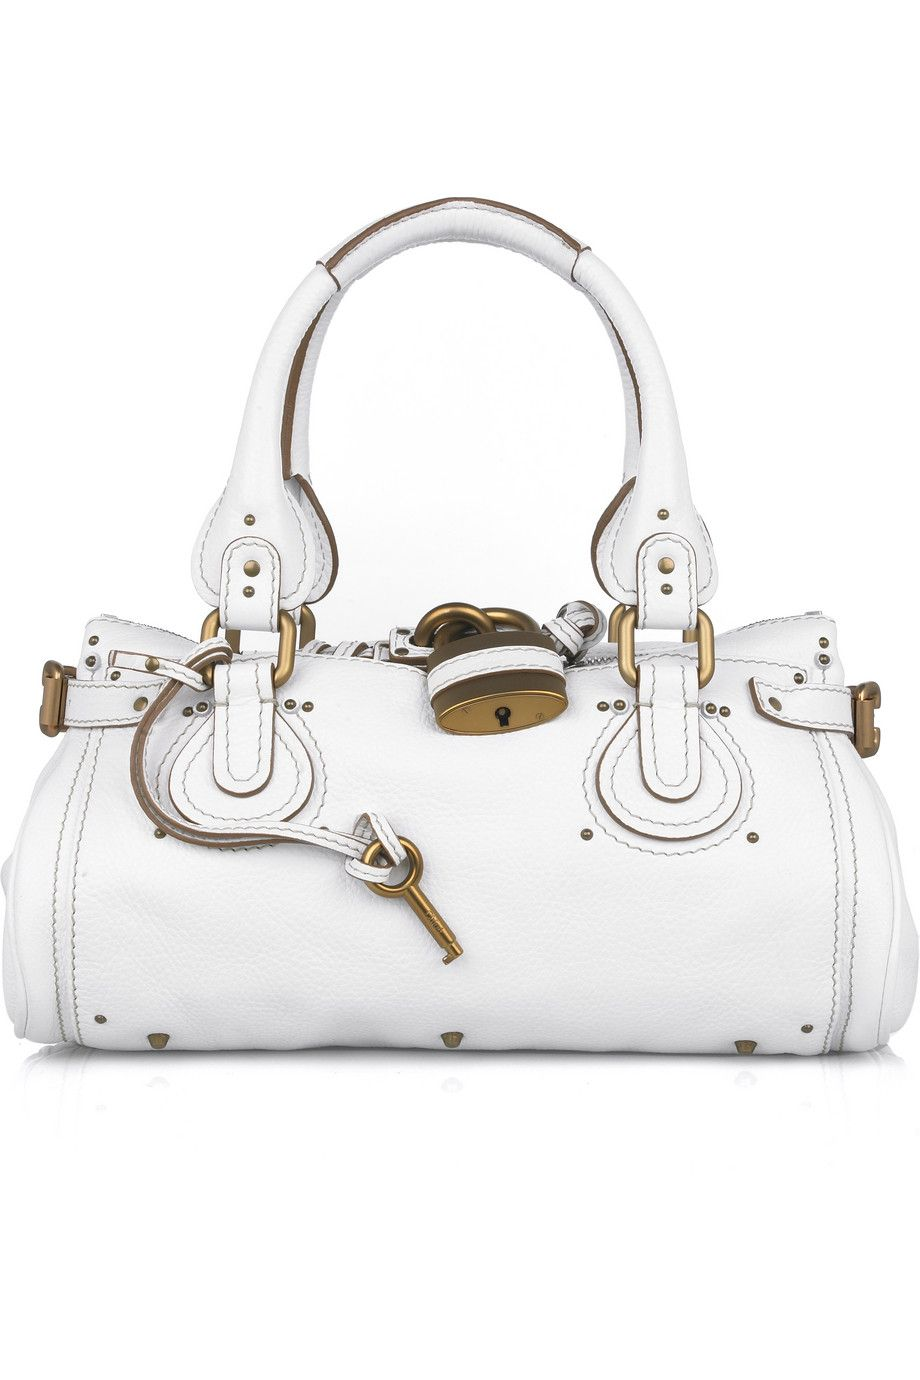 Longtime love affair with the Chloe Paddington bag.  1f02becf5322a